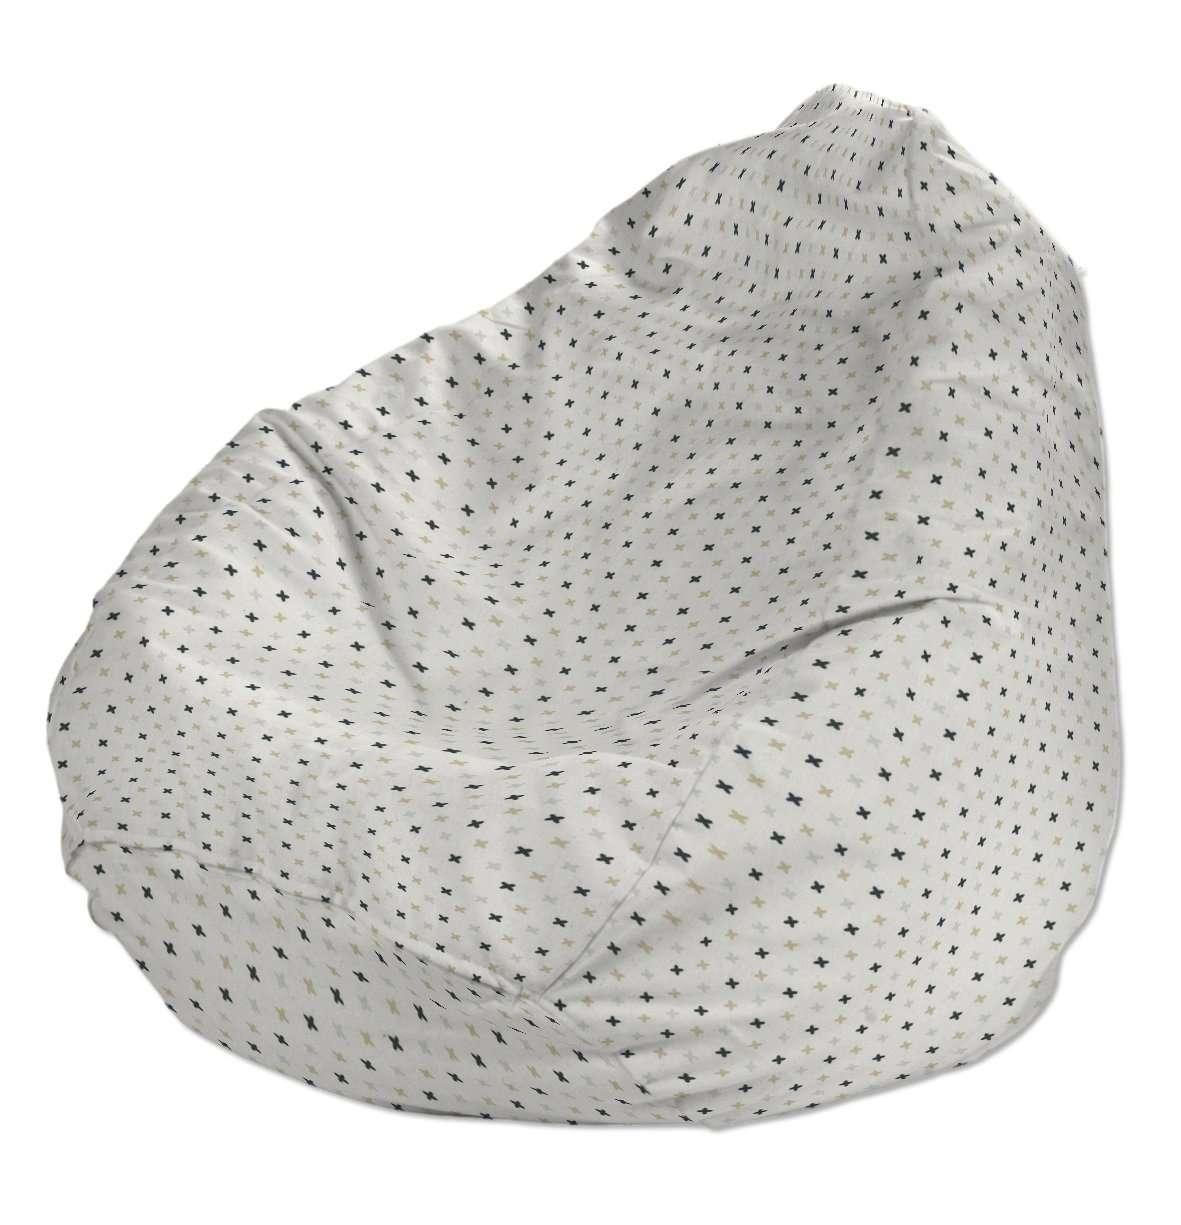 Sitzsack, weiß-schwarz-grau, Ø80x115 cm, Adventure | Wohnzimmer > Sessel > Sitzsaecke | Dekoria